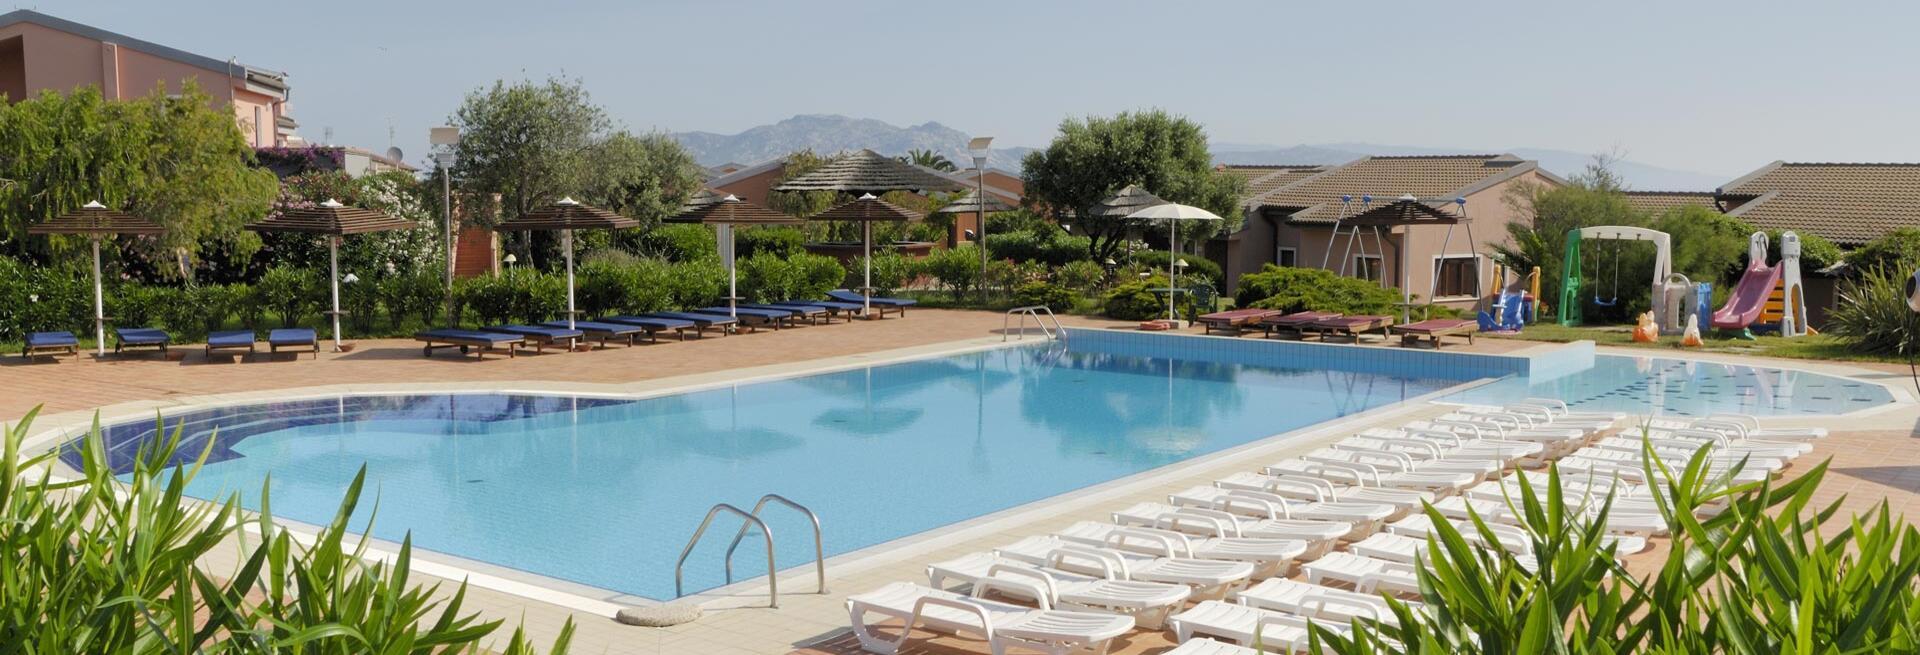 hotelcalarosa en holiday-village 015